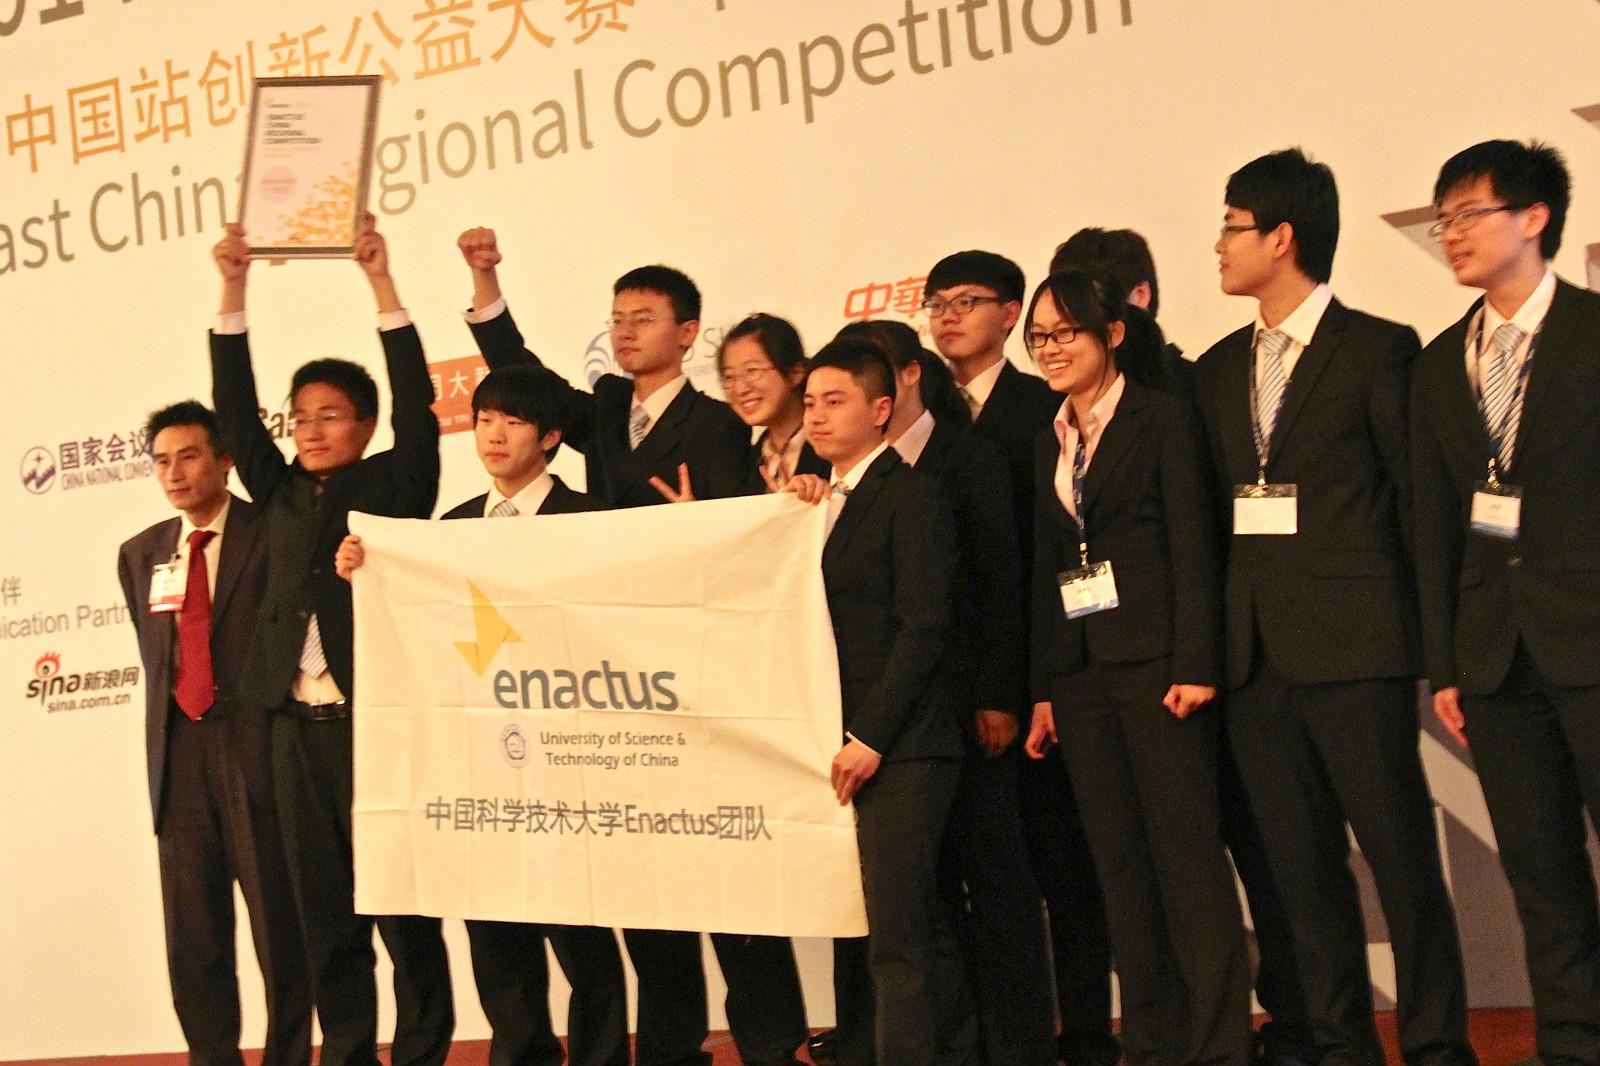 2014年4月11日,在上海千禧海鸥酒店举办的2014创行世界杯中国站公益大赛中,由工商管理精英班范自彬、武琳同学带领的中国科学技术大学创行团队,获得第八分赛区一等奖,以绝对优势进入全国总决赛。 创行(Enactus)是由39个国家的1600所高校的在校大学生、学术界人士和企业界领袖组成的国际性学生组织。这些来自不同领域的人士共同拥有一个美好的愿景,及运用积极的商业力量,践行企业家精神,共创更美好、可持续发展的世界。创行每年得到数以百计的公司的大力支持。这一网络汇集了教育工作者和商界领袖们的知识和专业技